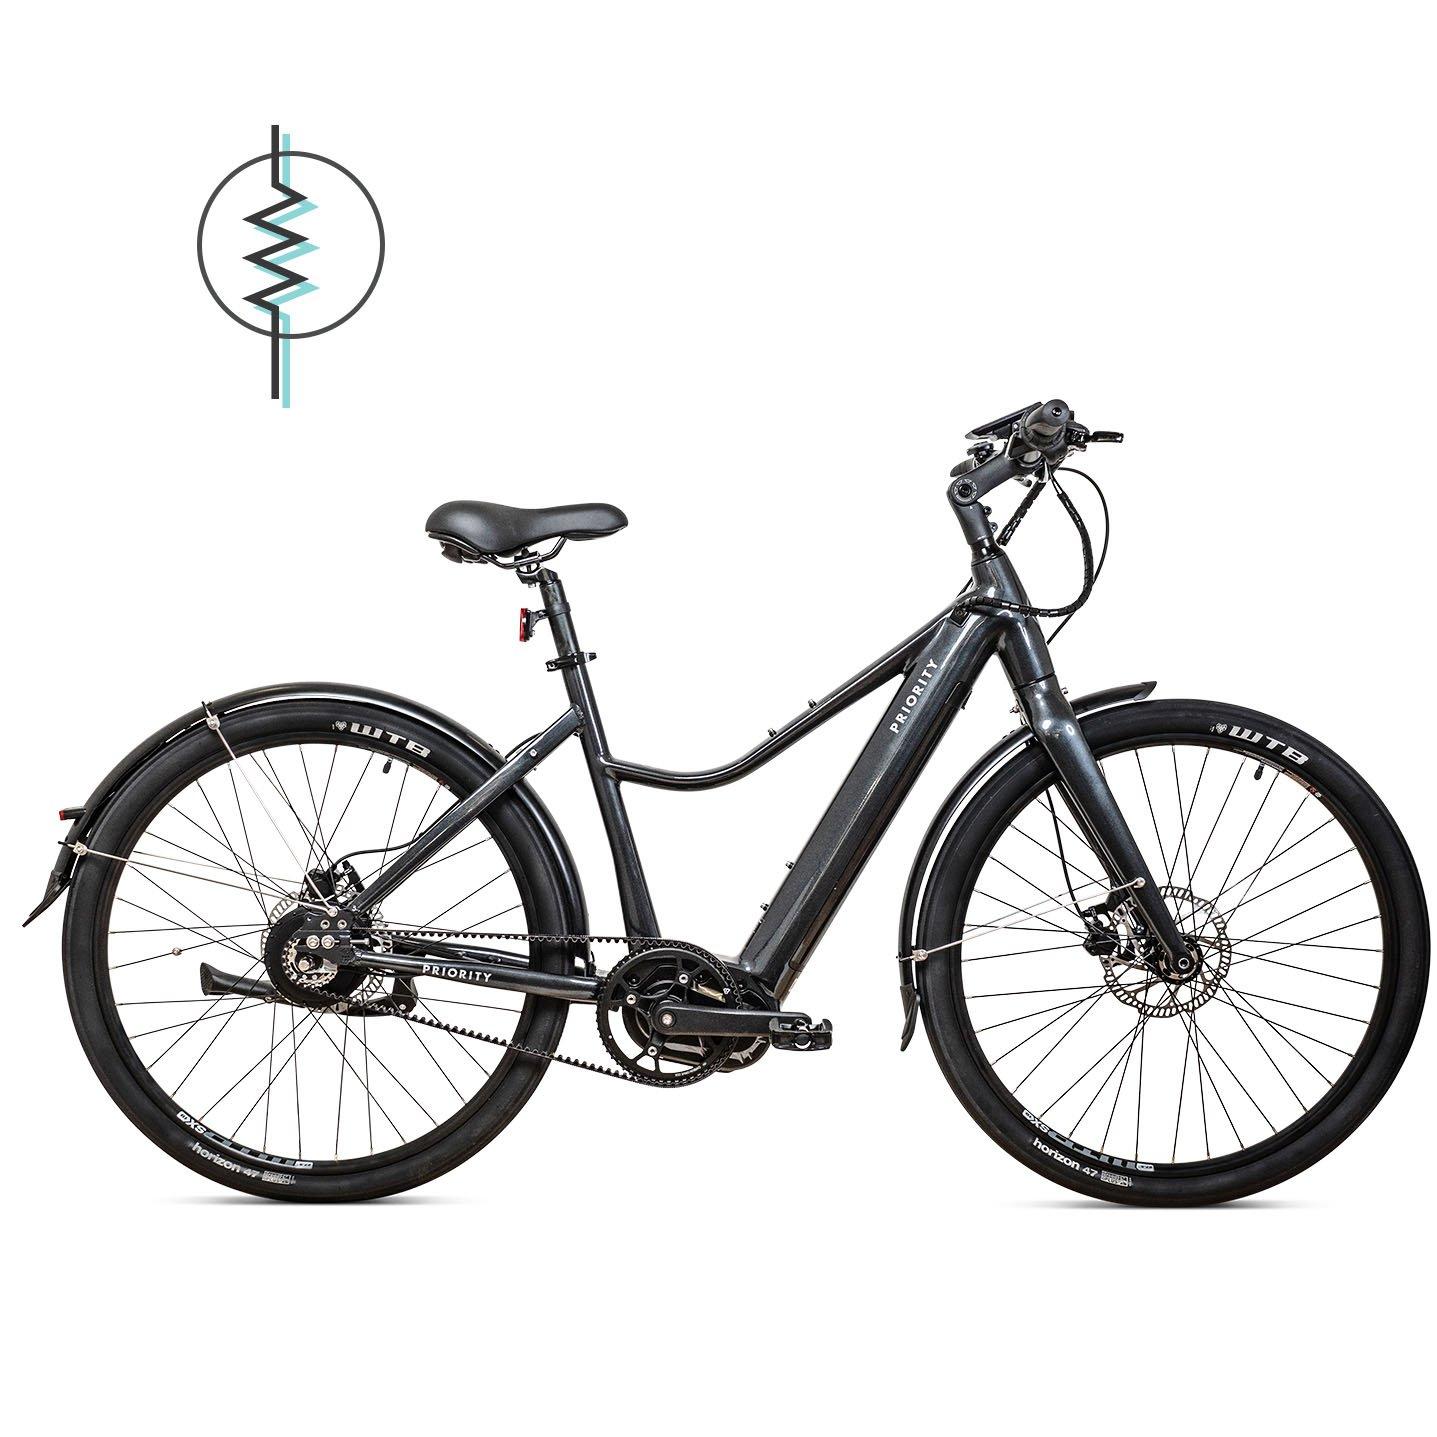 E-Bike - Priority Current - Costco Next - $2600